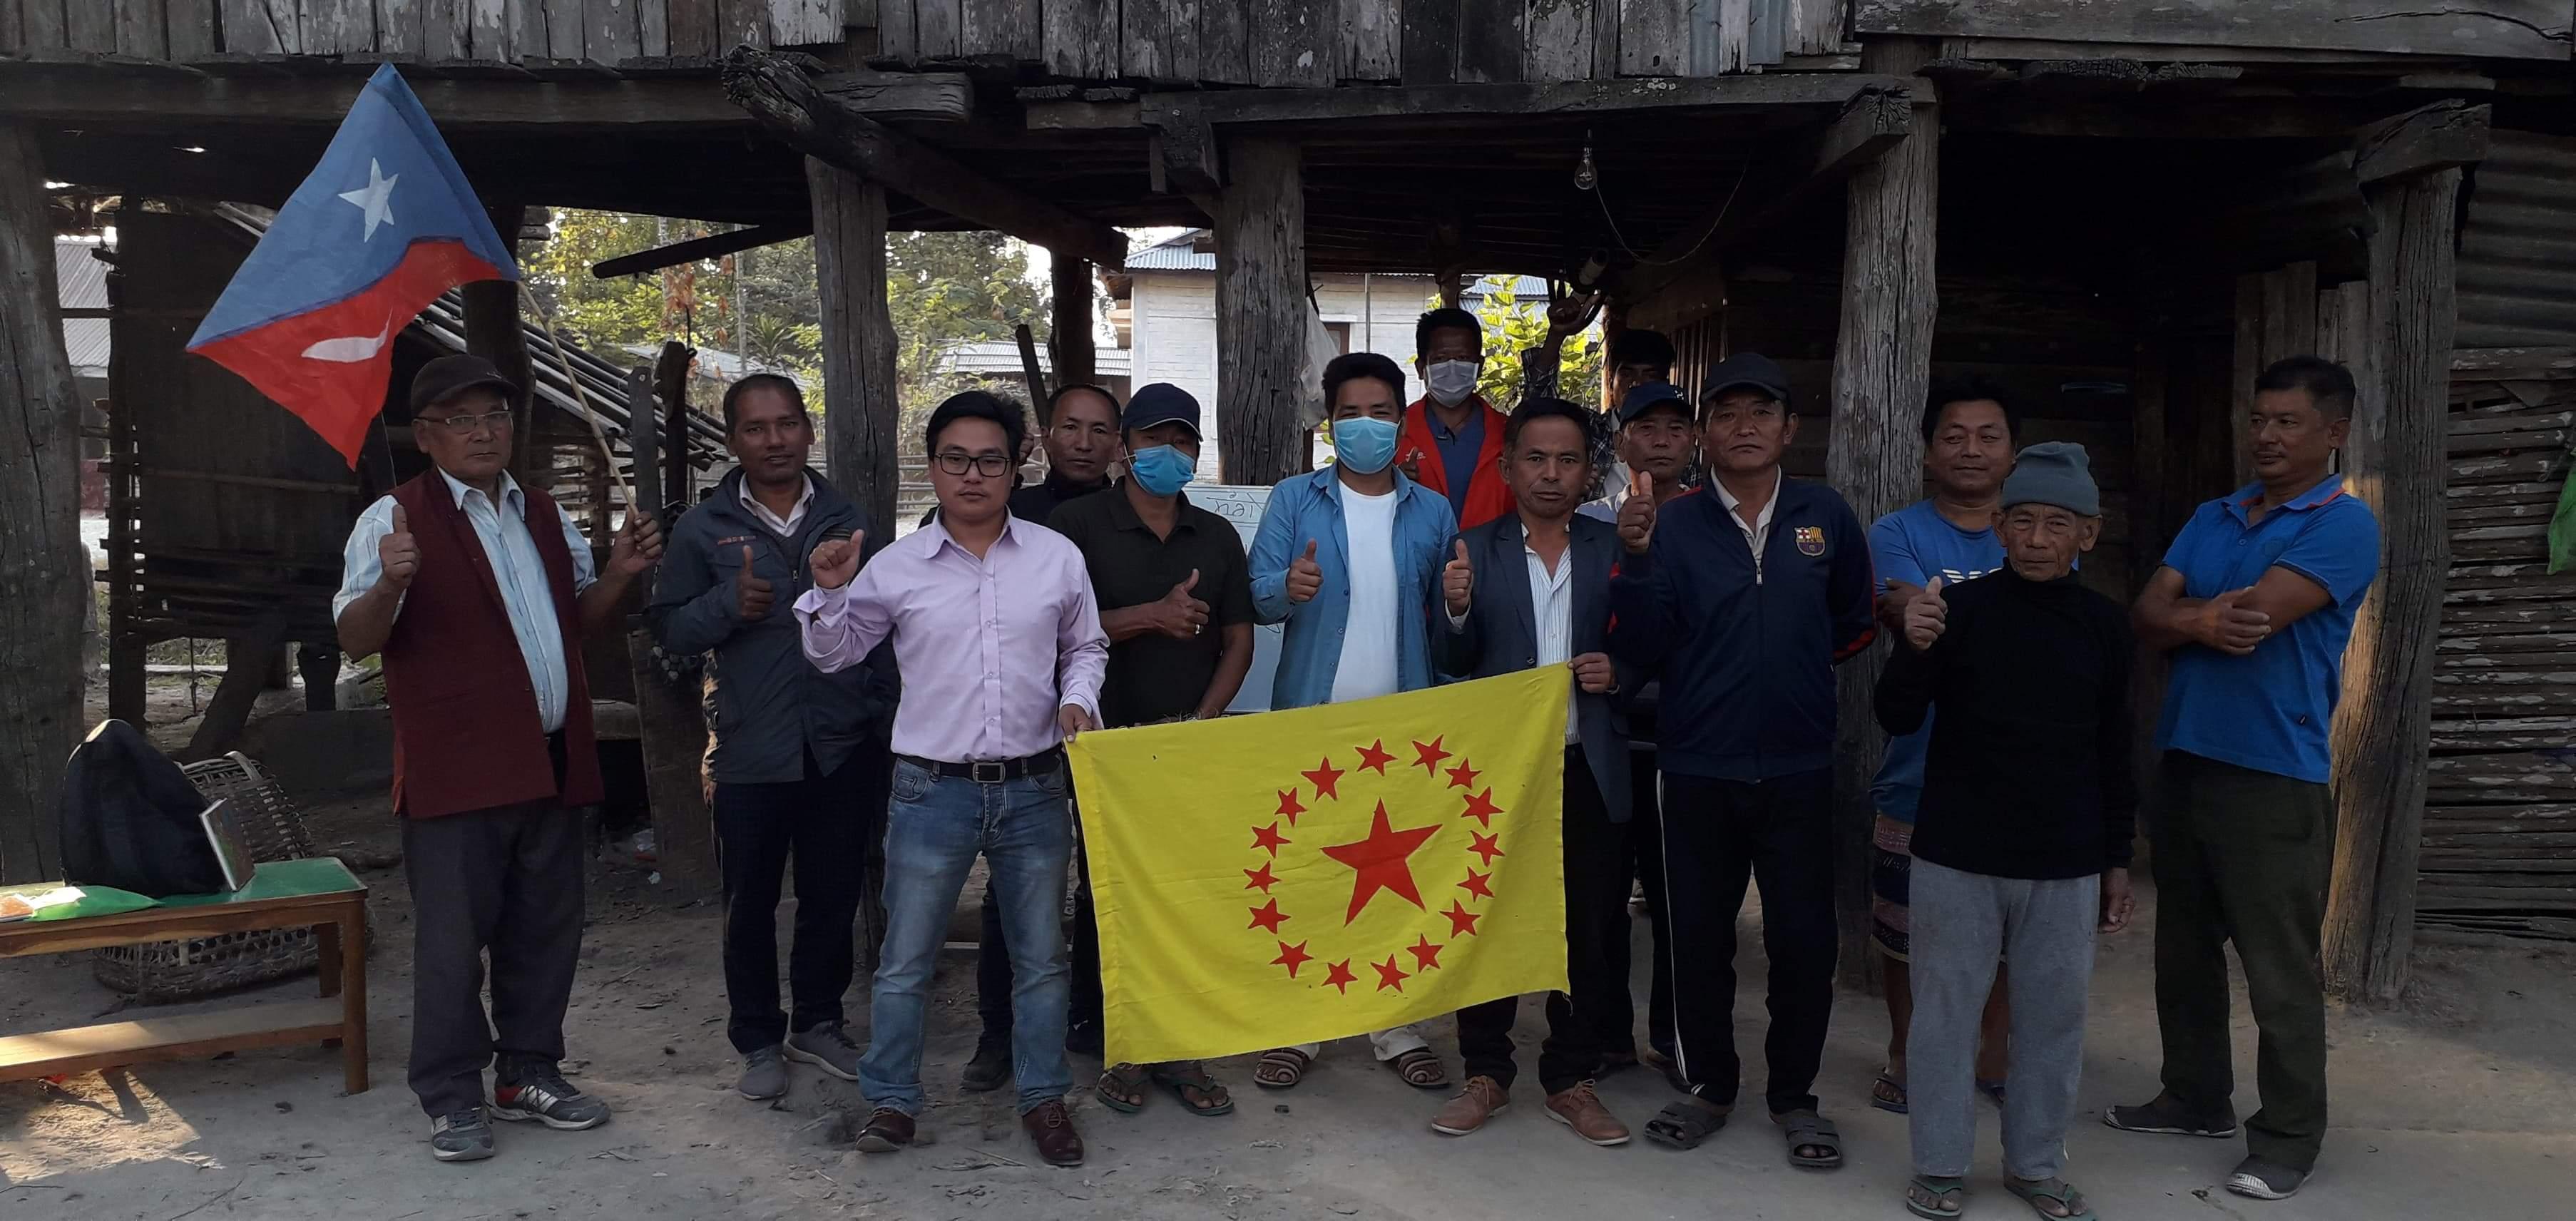 कमल गाउँपालिका एकता चौकमा मंगोल राष्ट्रवाद सम्बन्धि प्रशिक्षण कार्यक्रम सम्पन्न